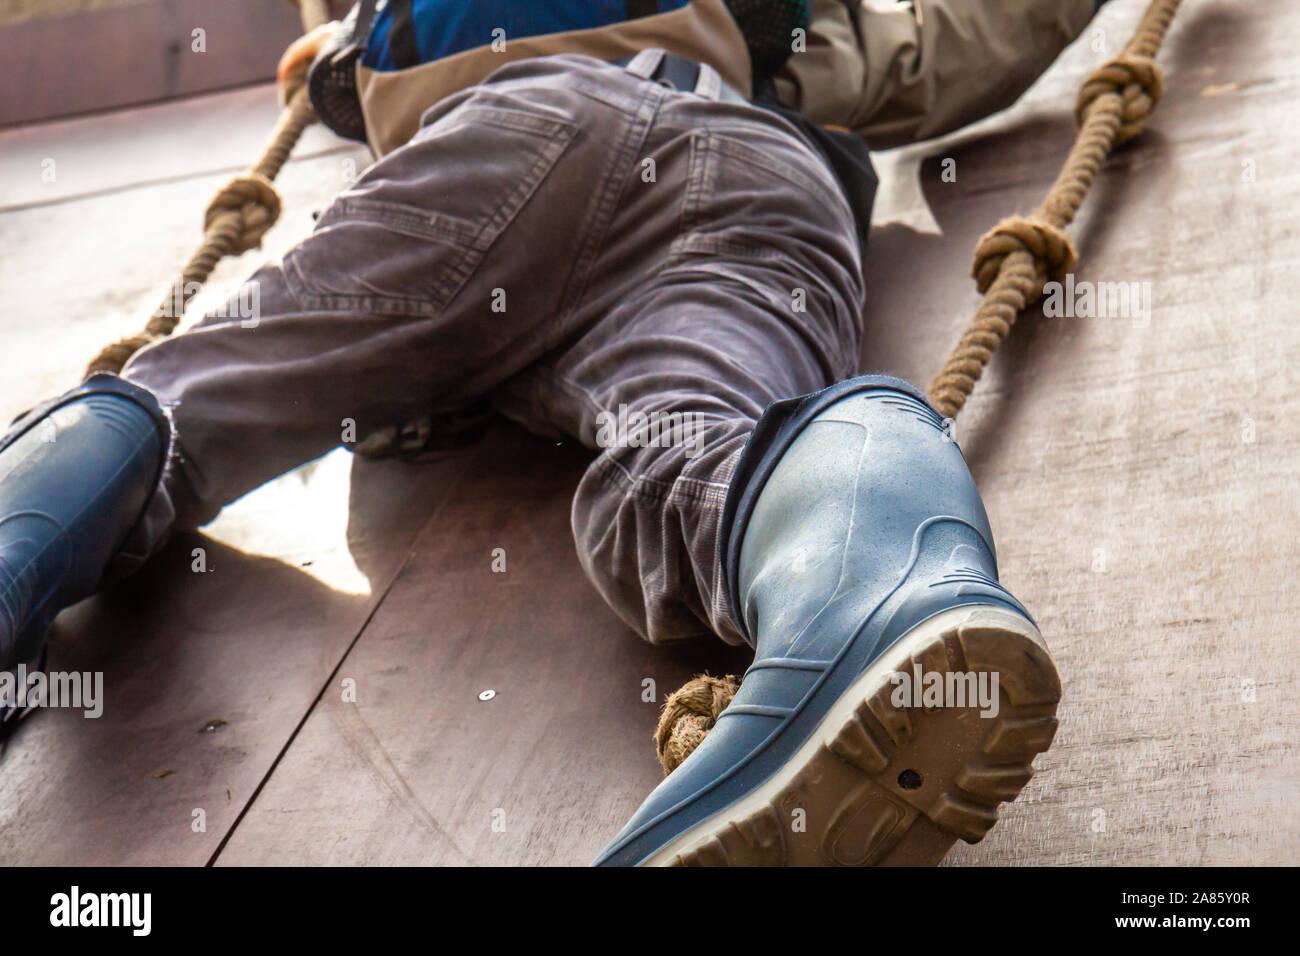 Jeune garçon de wellys escalade un mur avec des cordes. Banque D'Images